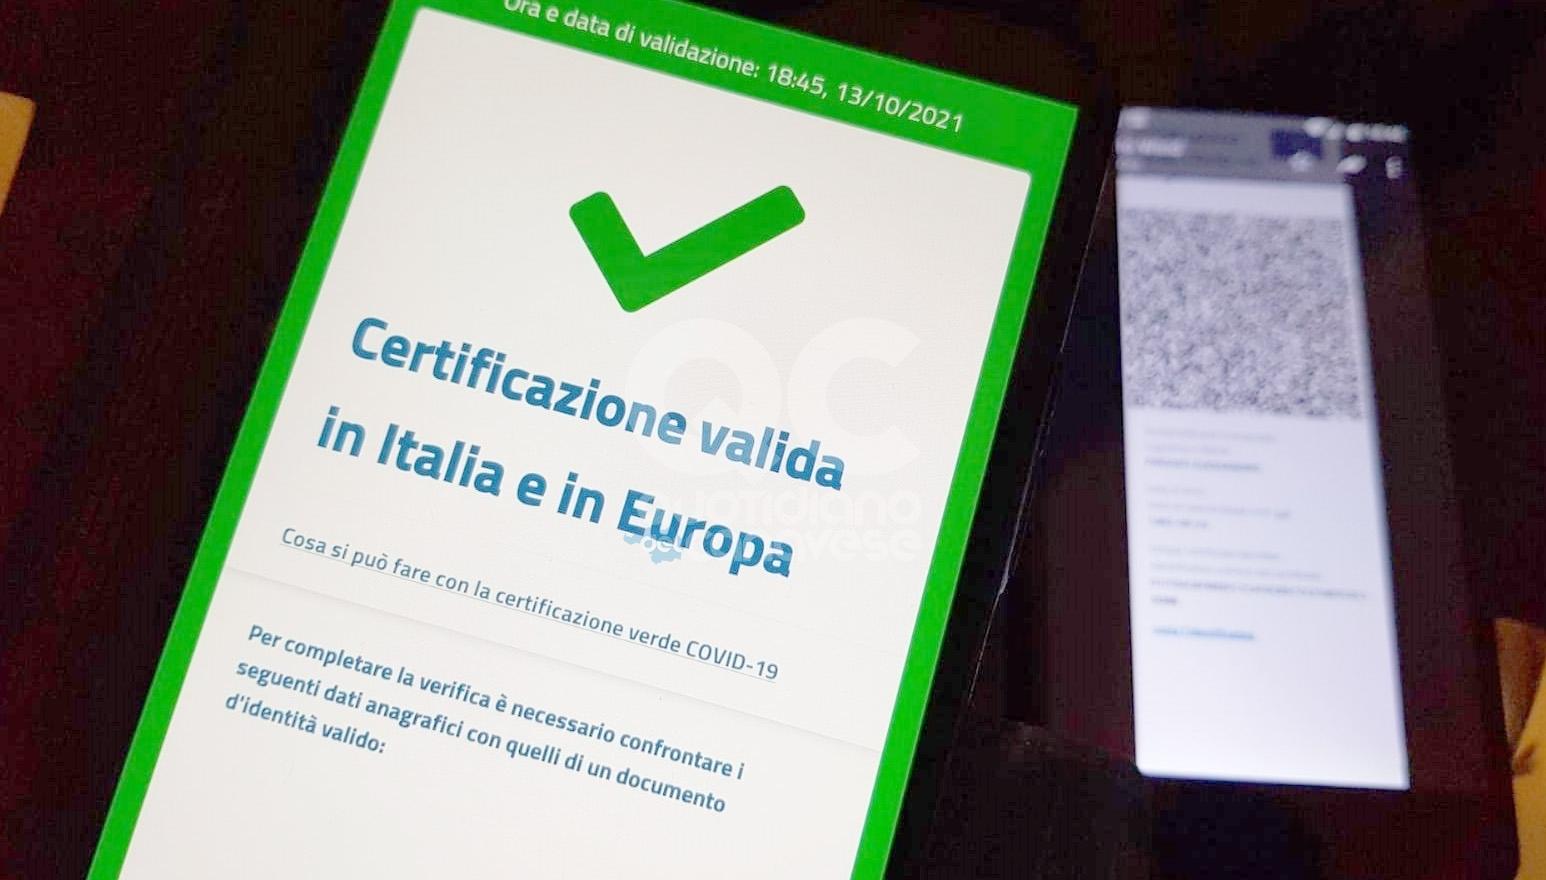 GREEN PASS - Scatta l'obbligo da venerdi: i lavoratori senza certificato verde rischiano una multa di 1500 euro